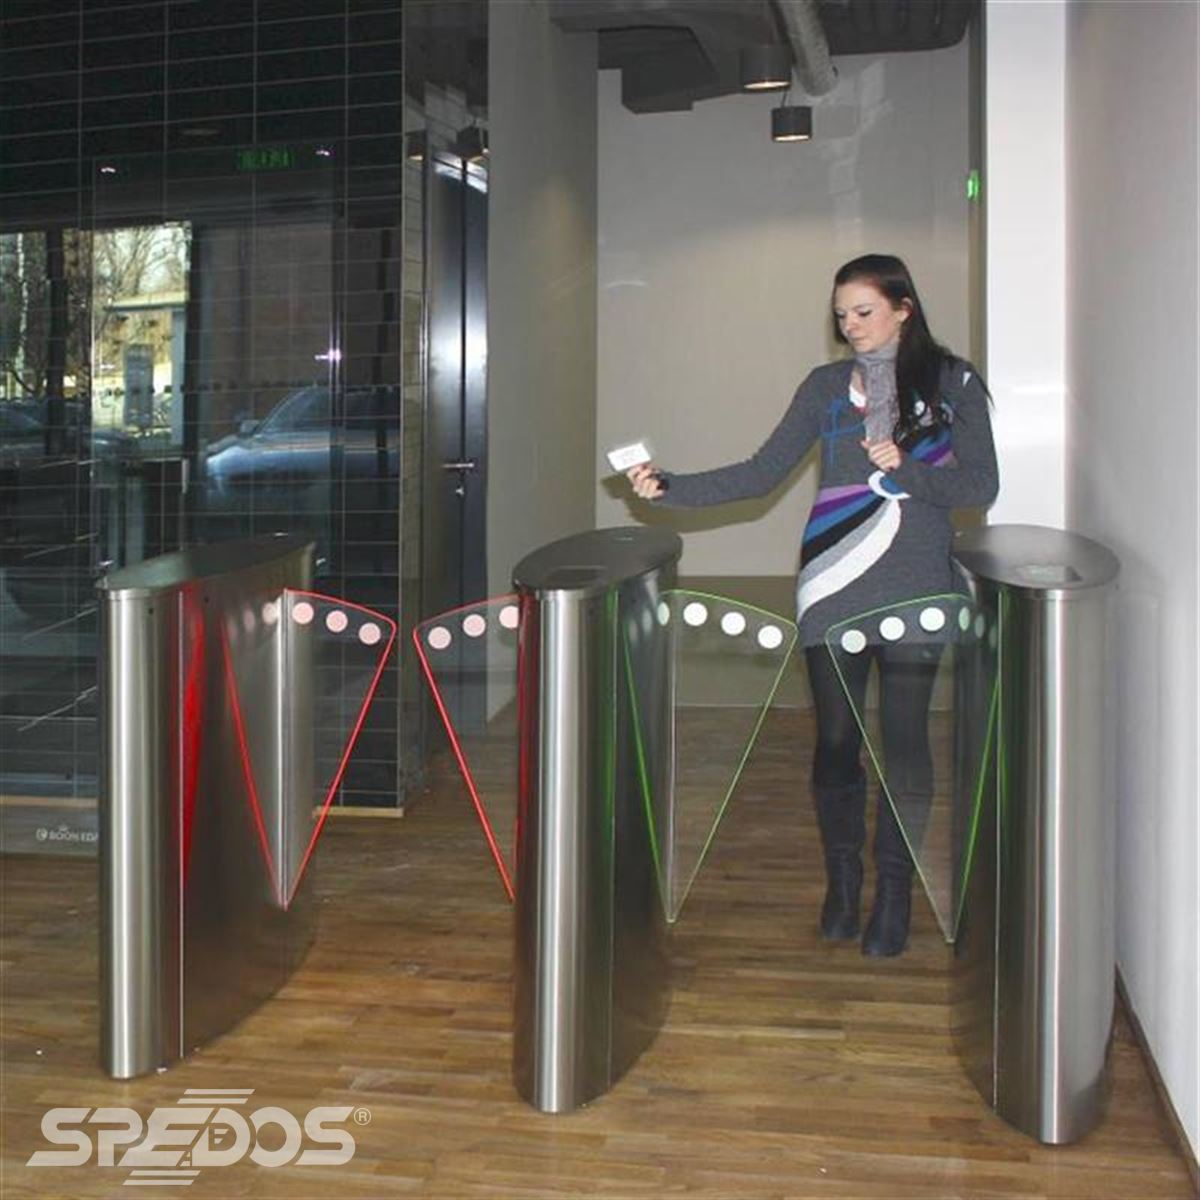 přístupová bariéra SPEEDLANE od Spedosu